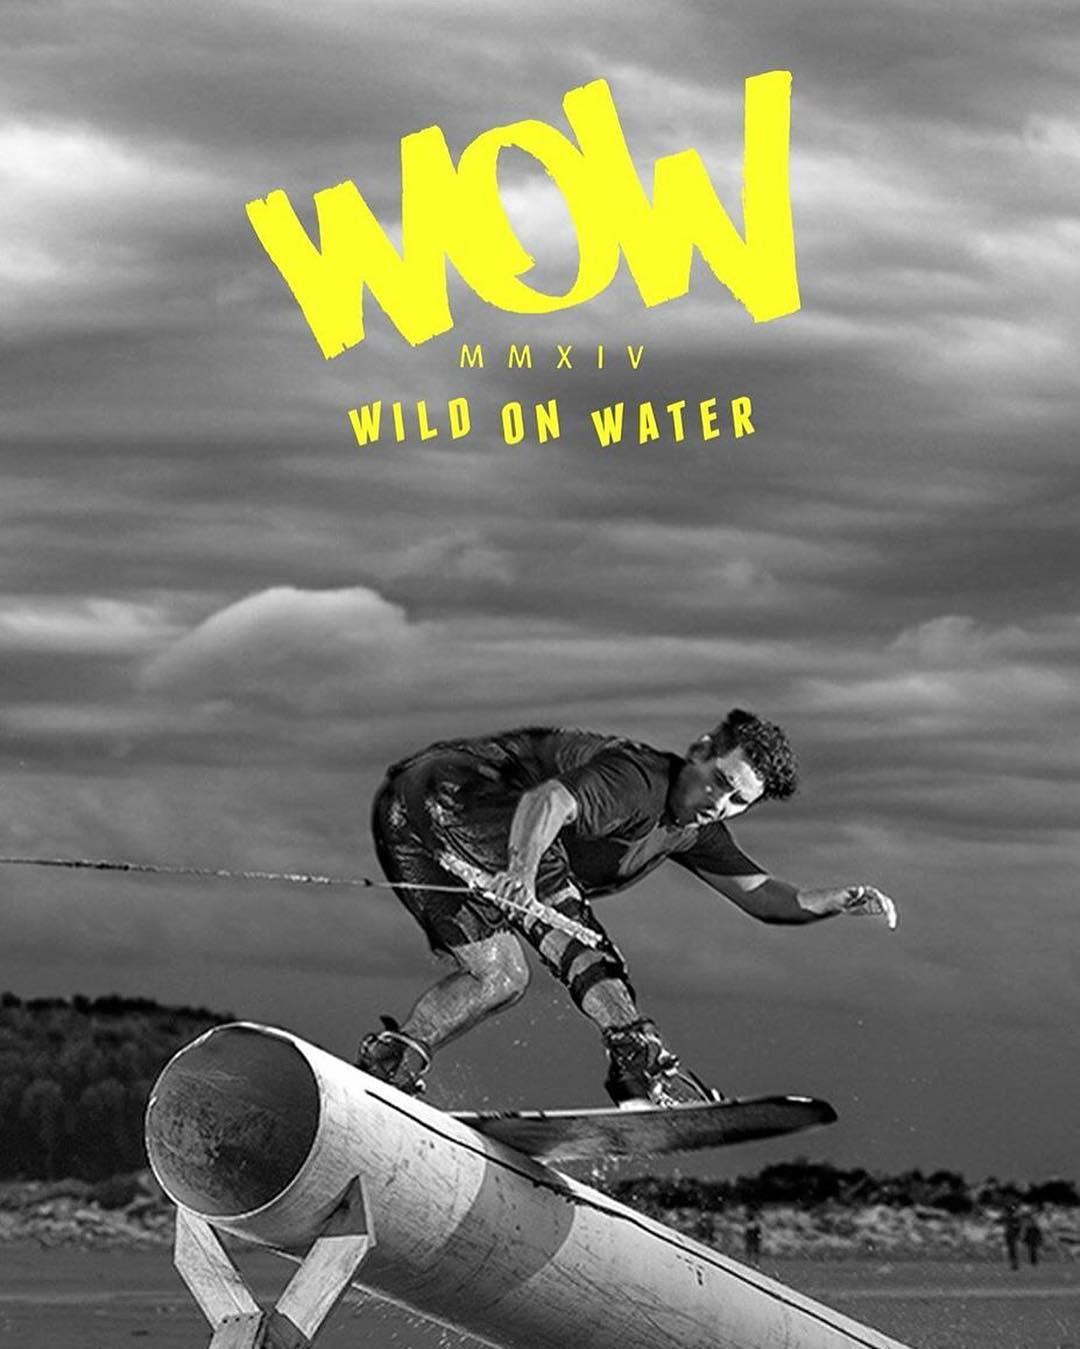 #lifeiswow @gonzalezluc haciendo de lo que le gusta.  #riderwow